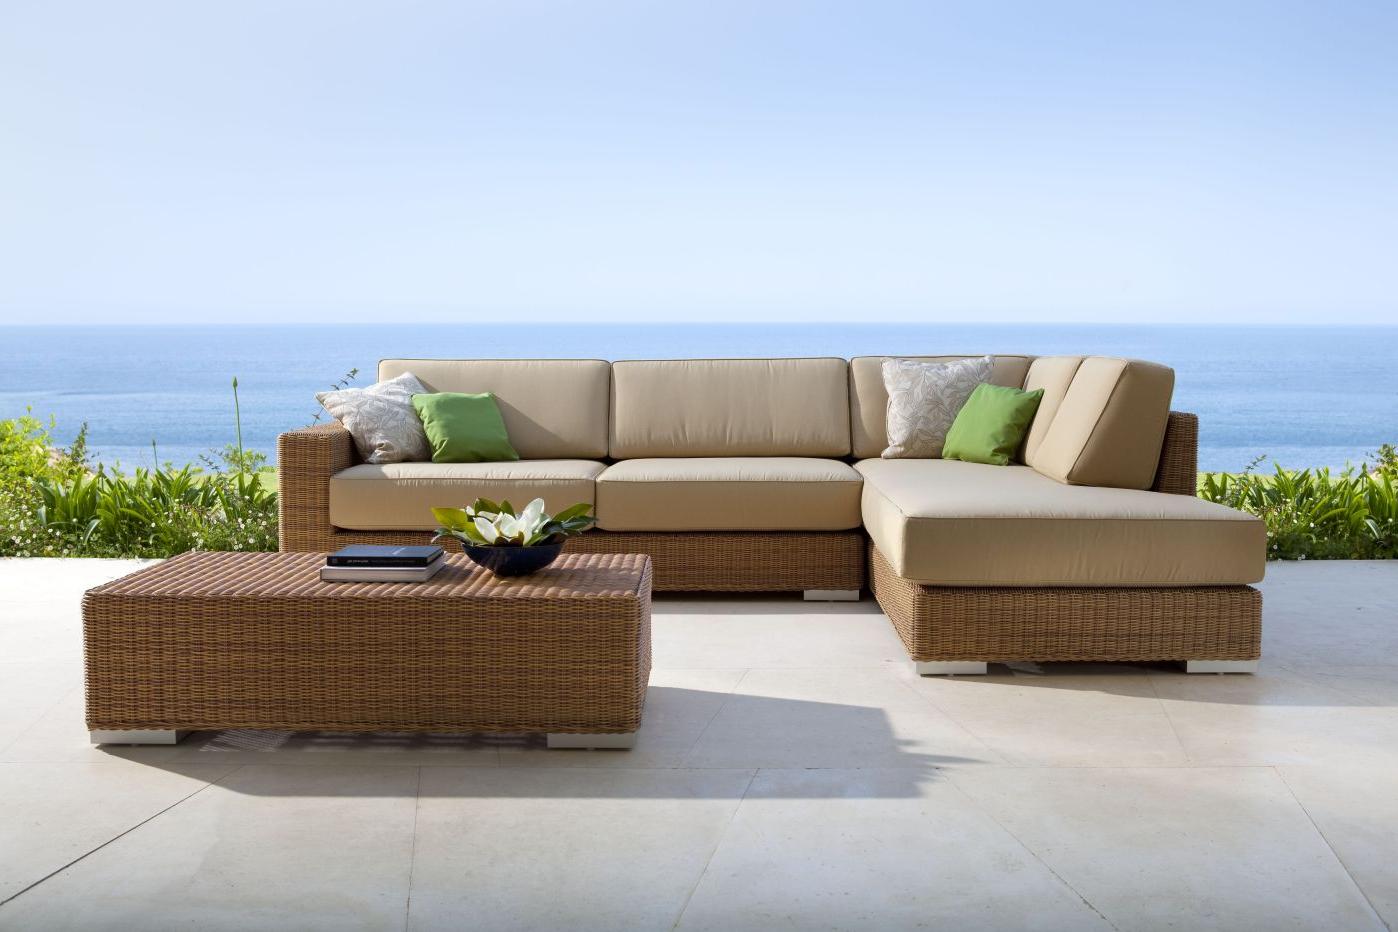 Muebles Exterior Txdf todas Las Ideas Para Amueblar Jardines Y Terrazas Point Gibeller